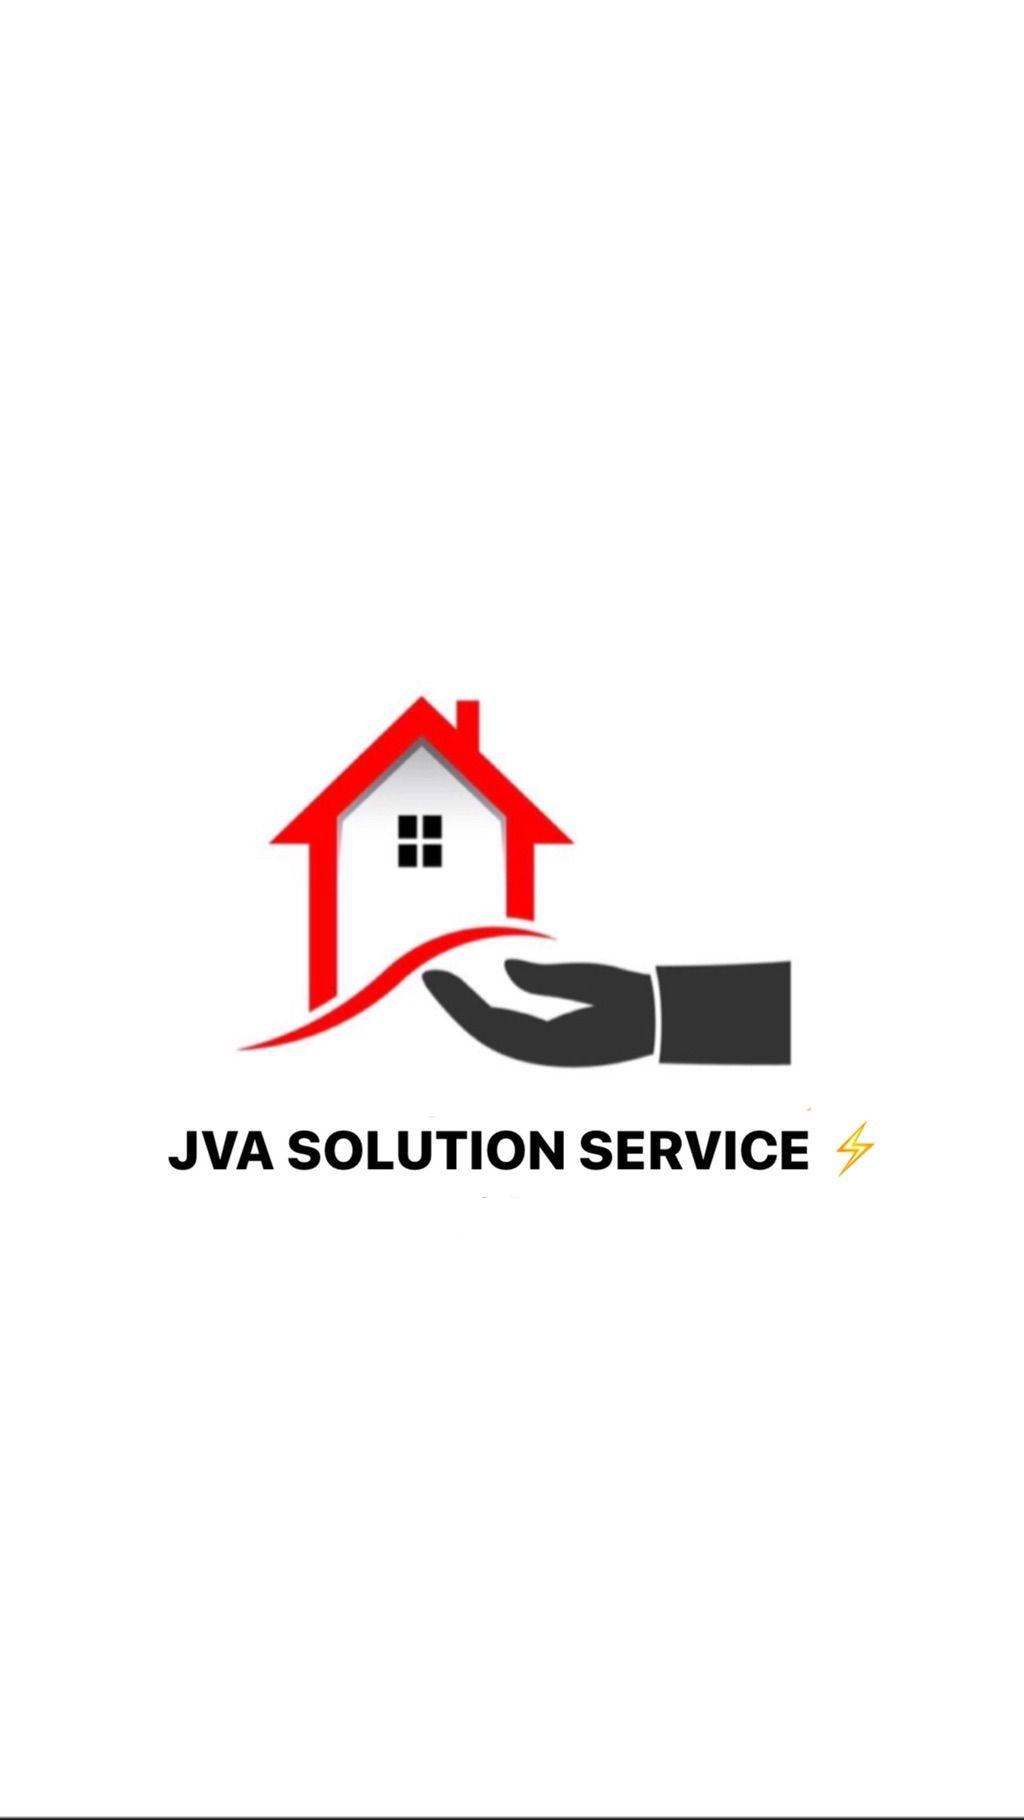 JVA Solution Service